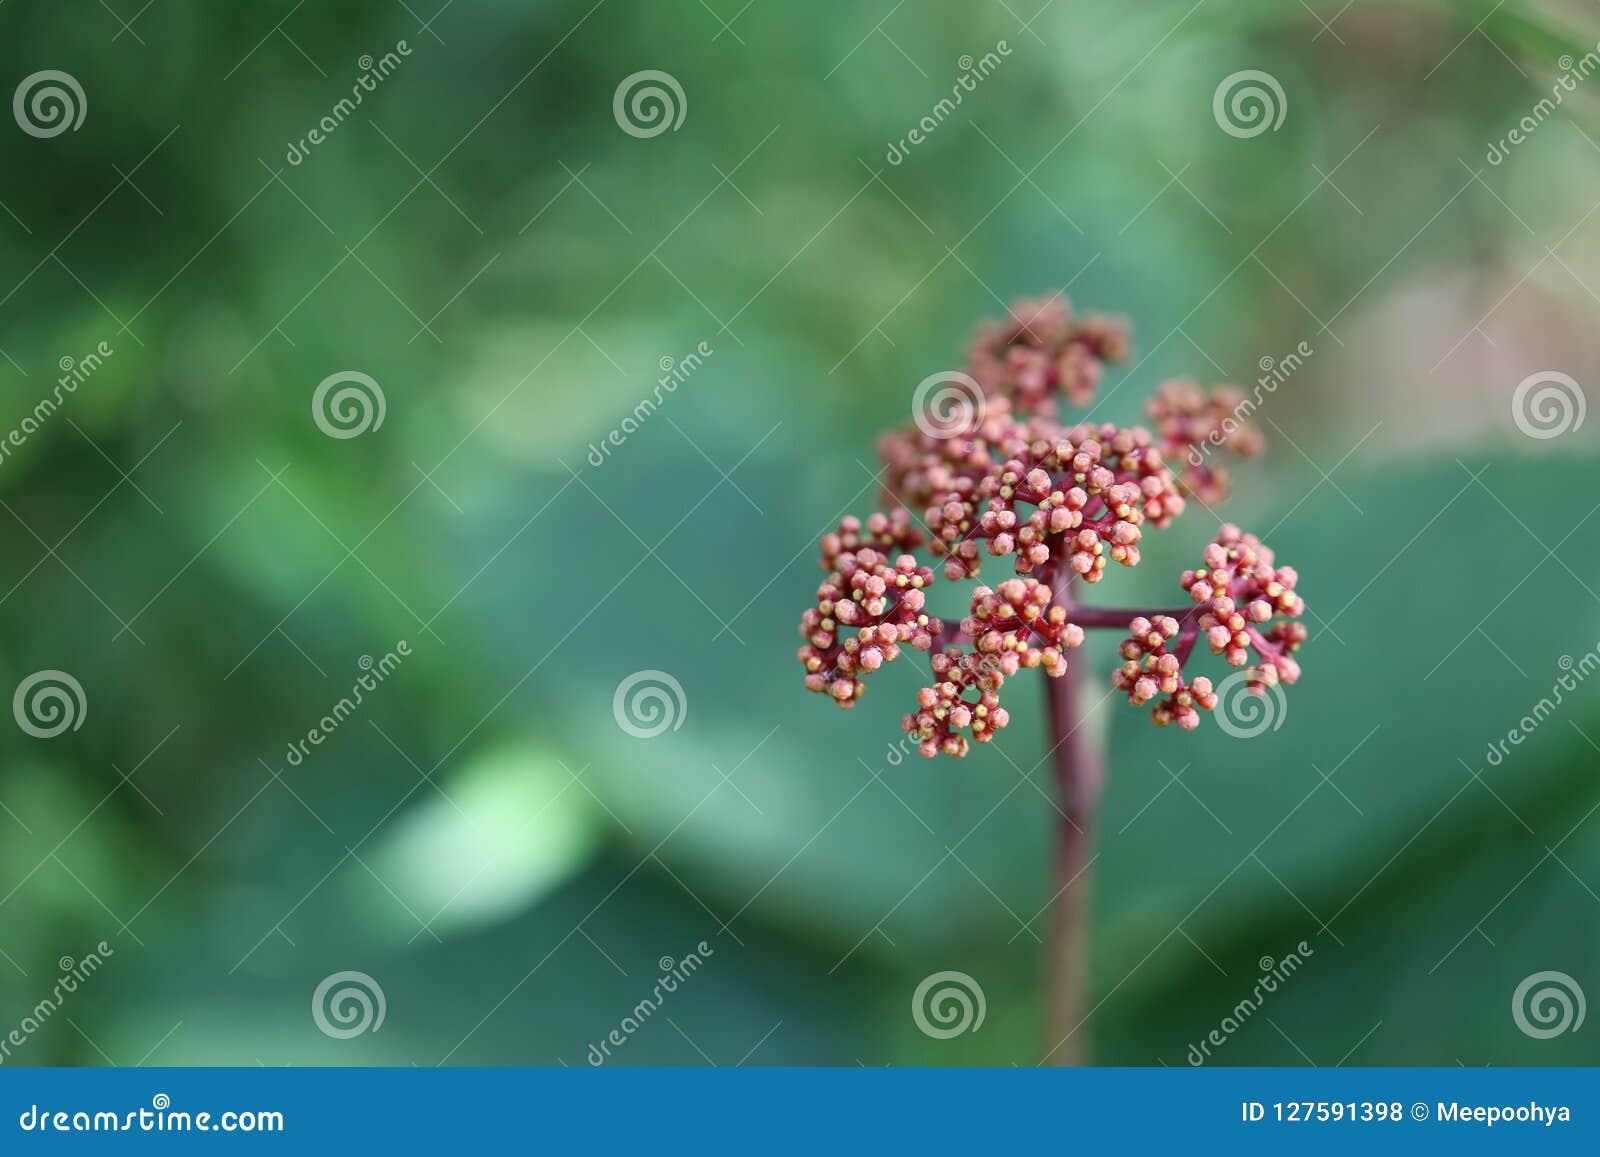 Laurustinus kwiat arcydzięgiel mimo to kwiat w tropikalnym lesie deszczowym nie